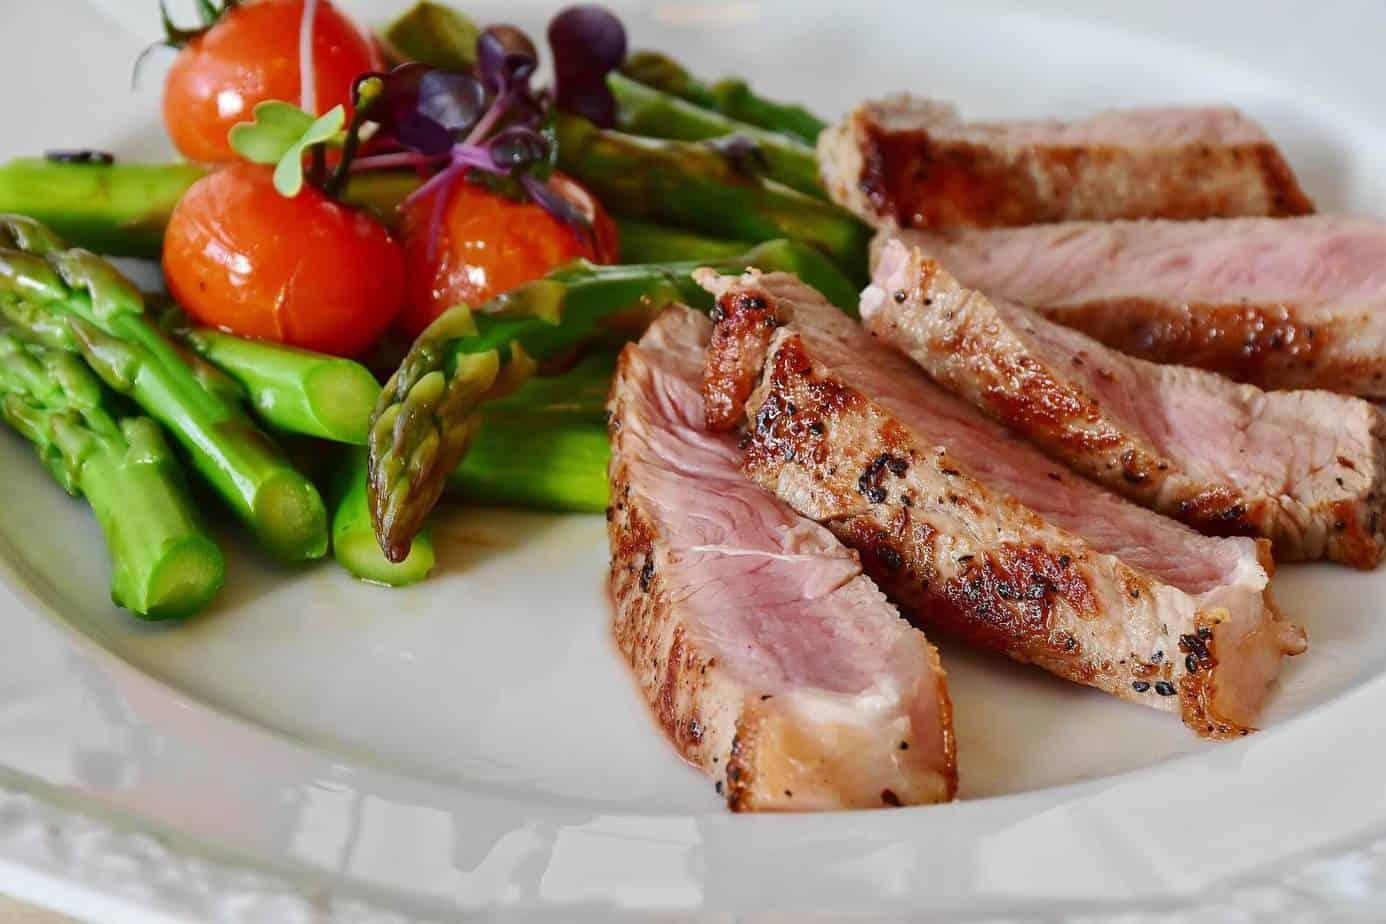 O que é dieta Low Carb? 23 receitas para o almoço e janta